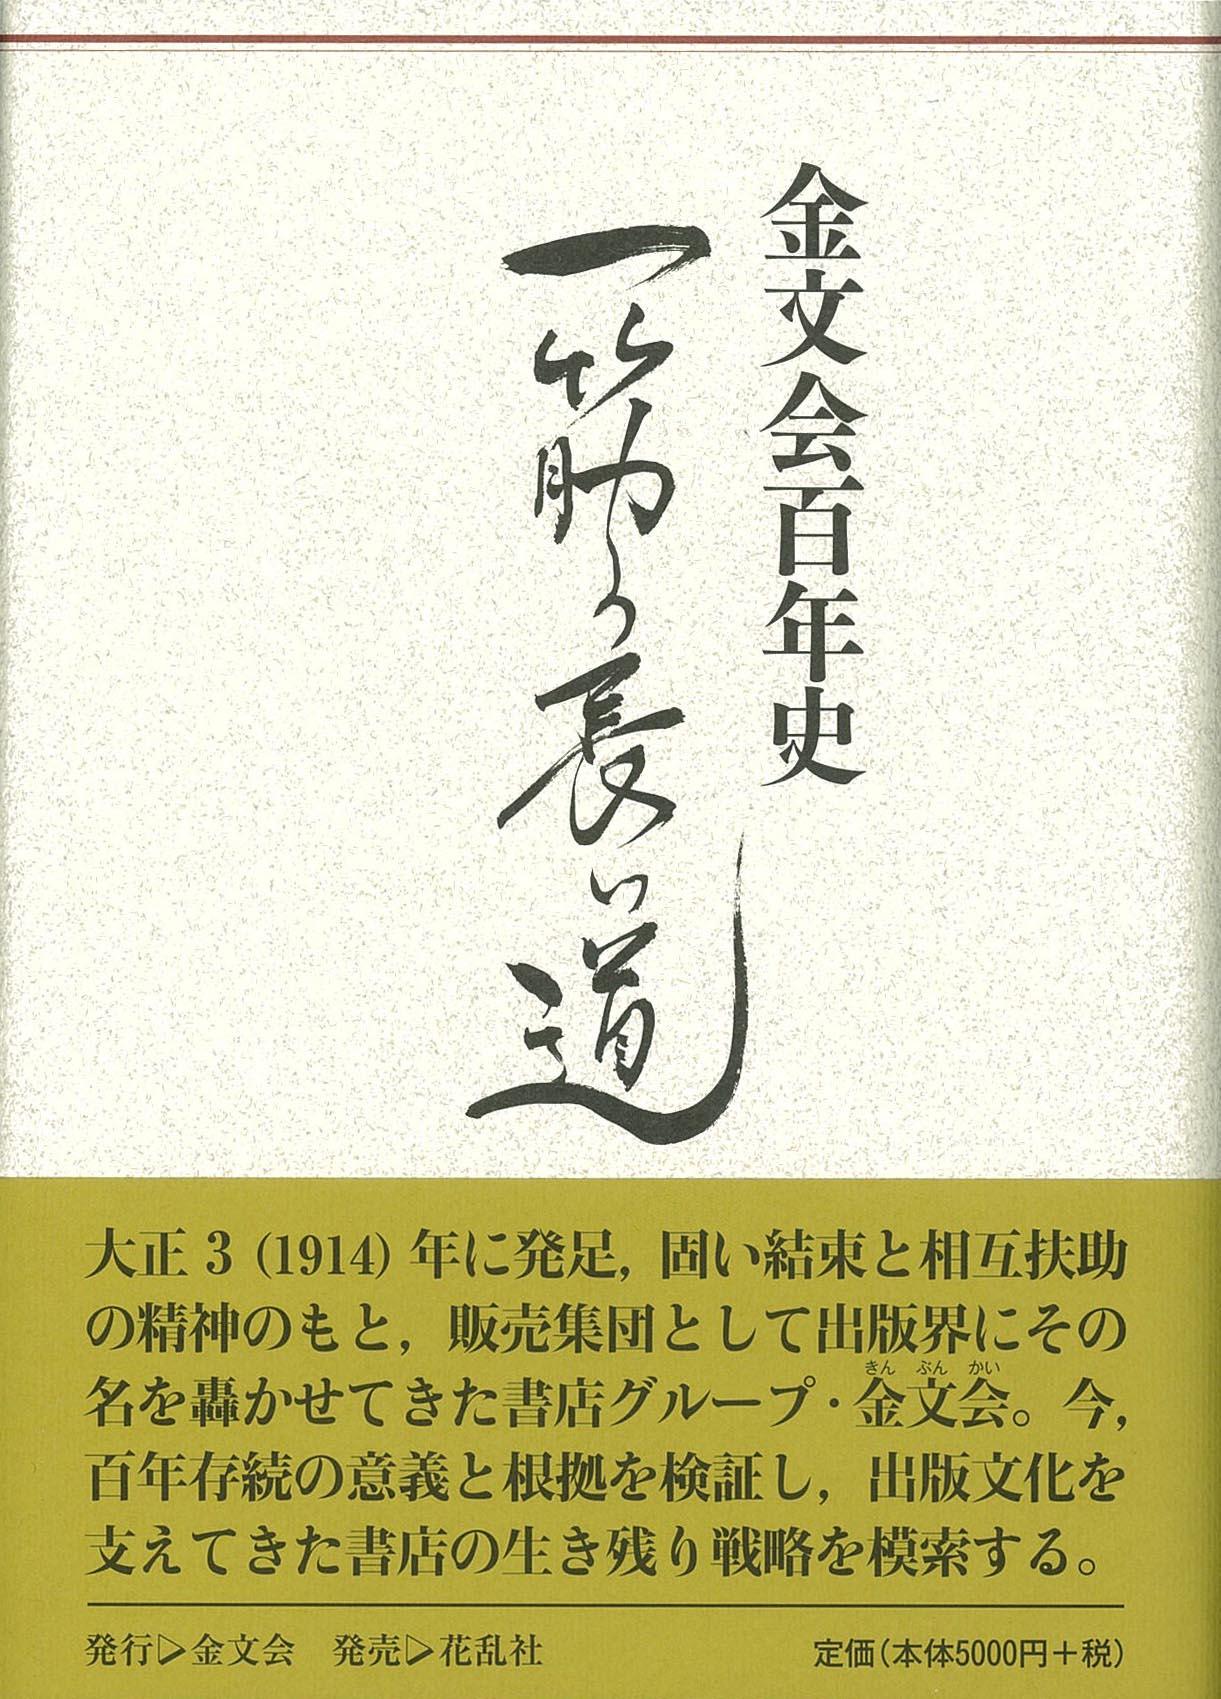 ■都渡正道氏と『金文会百年史』_d0190217_1046373.jpg